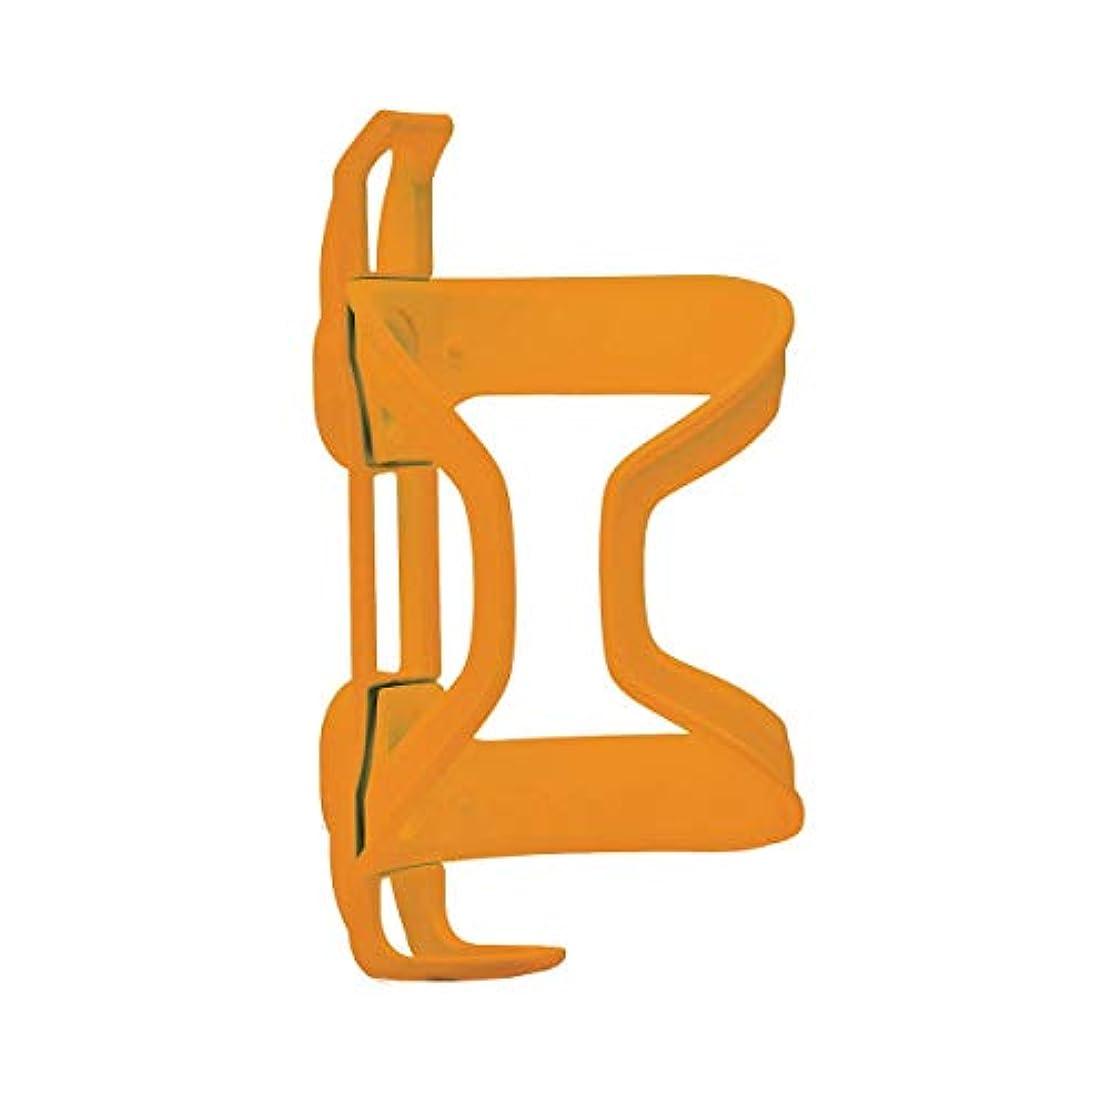 小売マナージョージハンブリーBlackburn(ブラックバーン) WAYSIDE ENTRY CAGE ウエイサイド エントリーケージ オレンジ 7068183